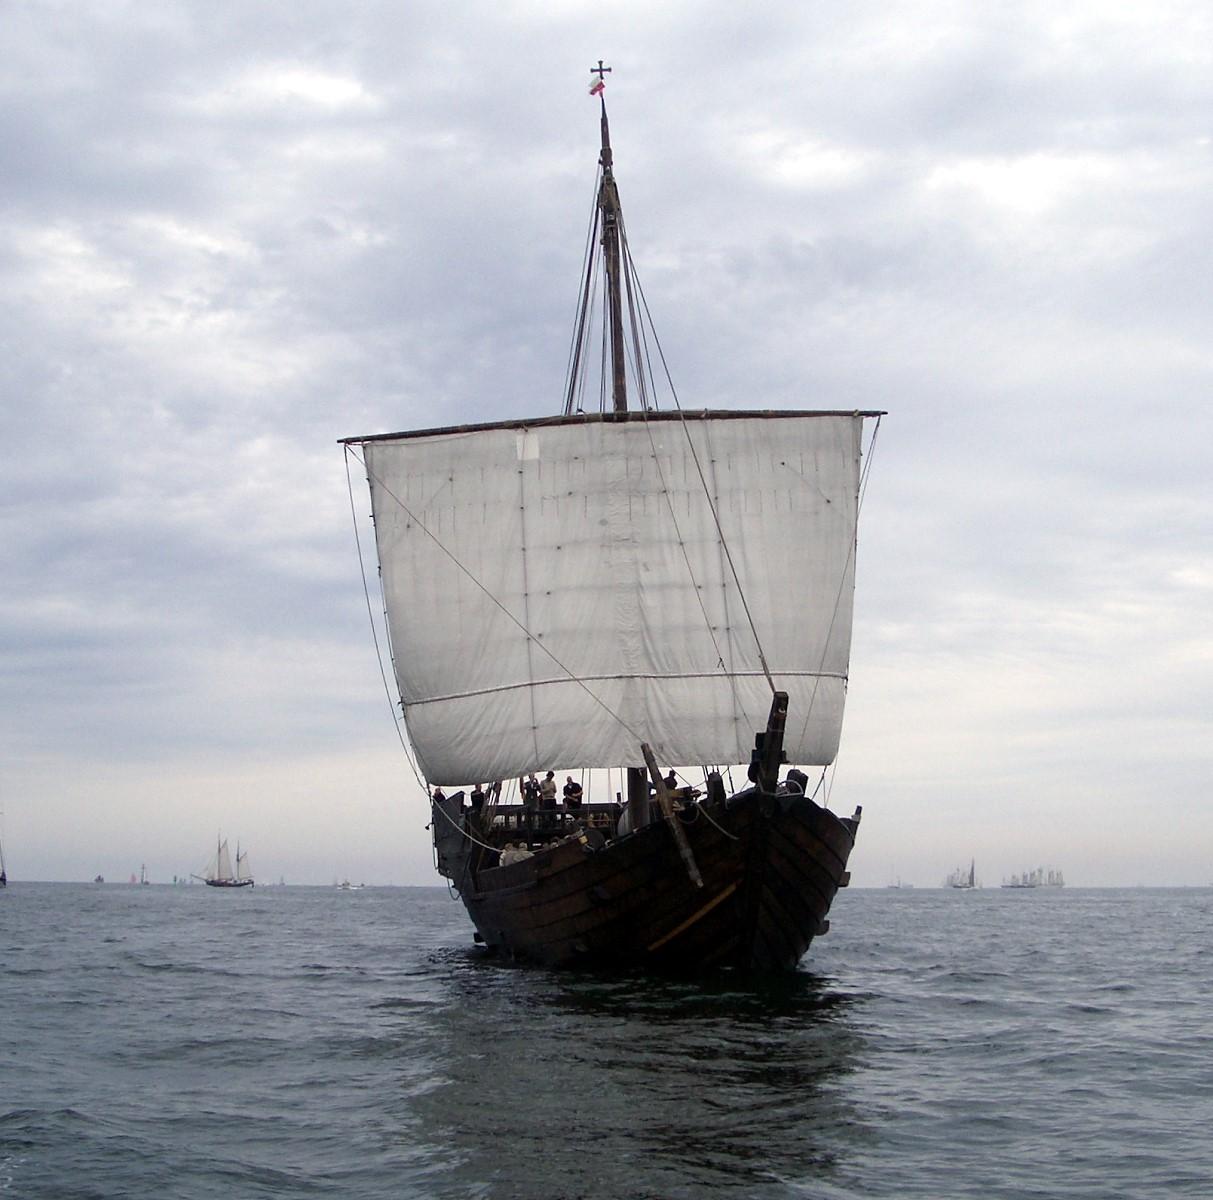 Medios de transporte el barco - Todo sobre barcos ...